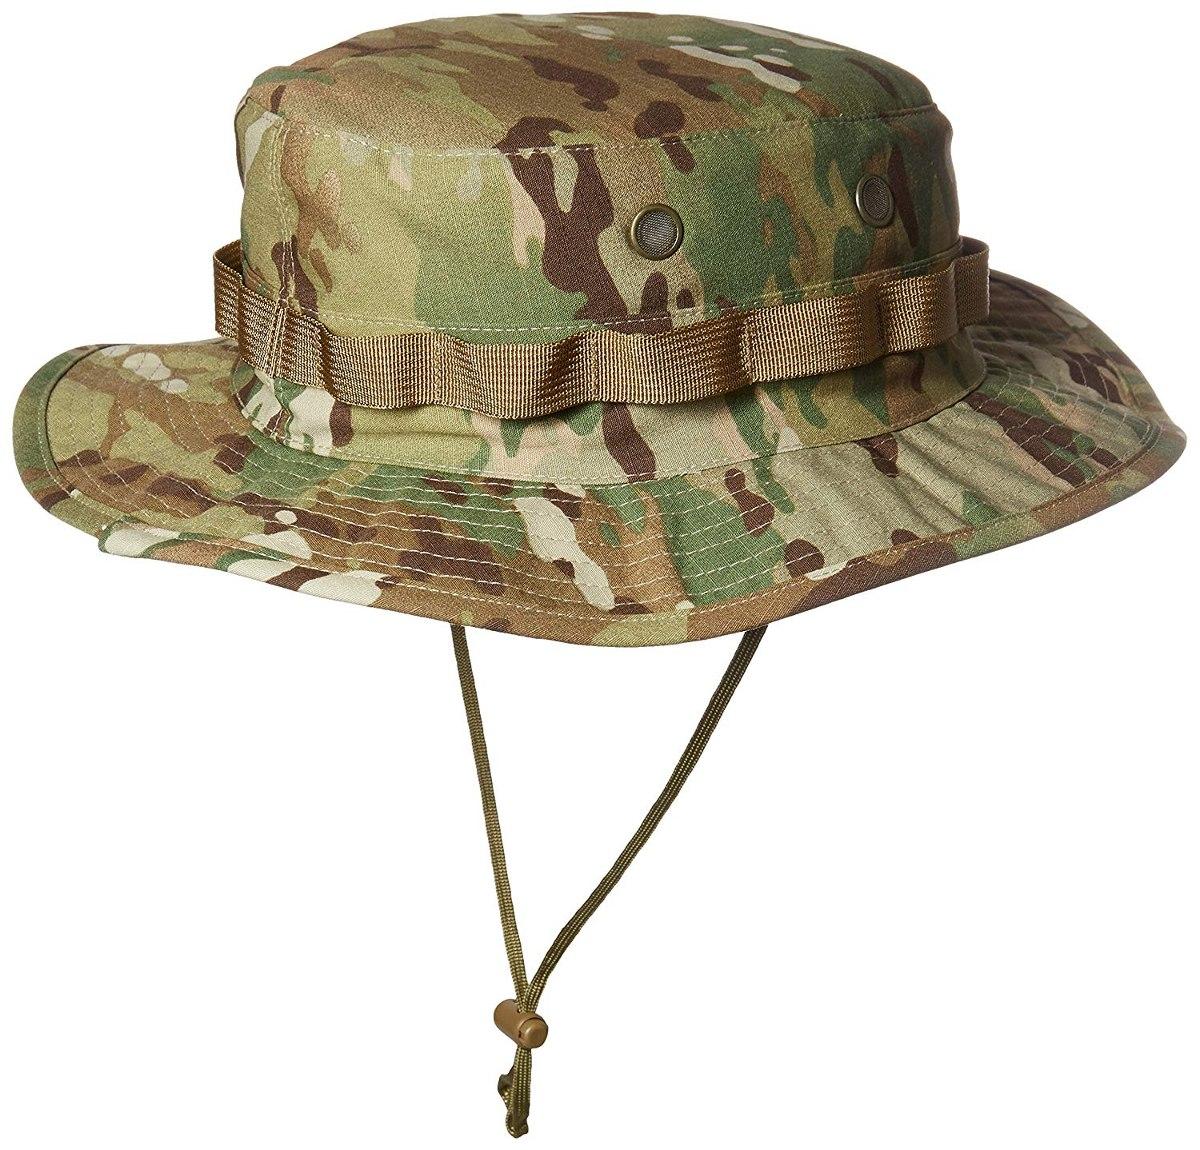 057432e1c1f Tru Spec Military Boonie Hat Olive Drab 7 75 -   228.777 en Mercado Libre